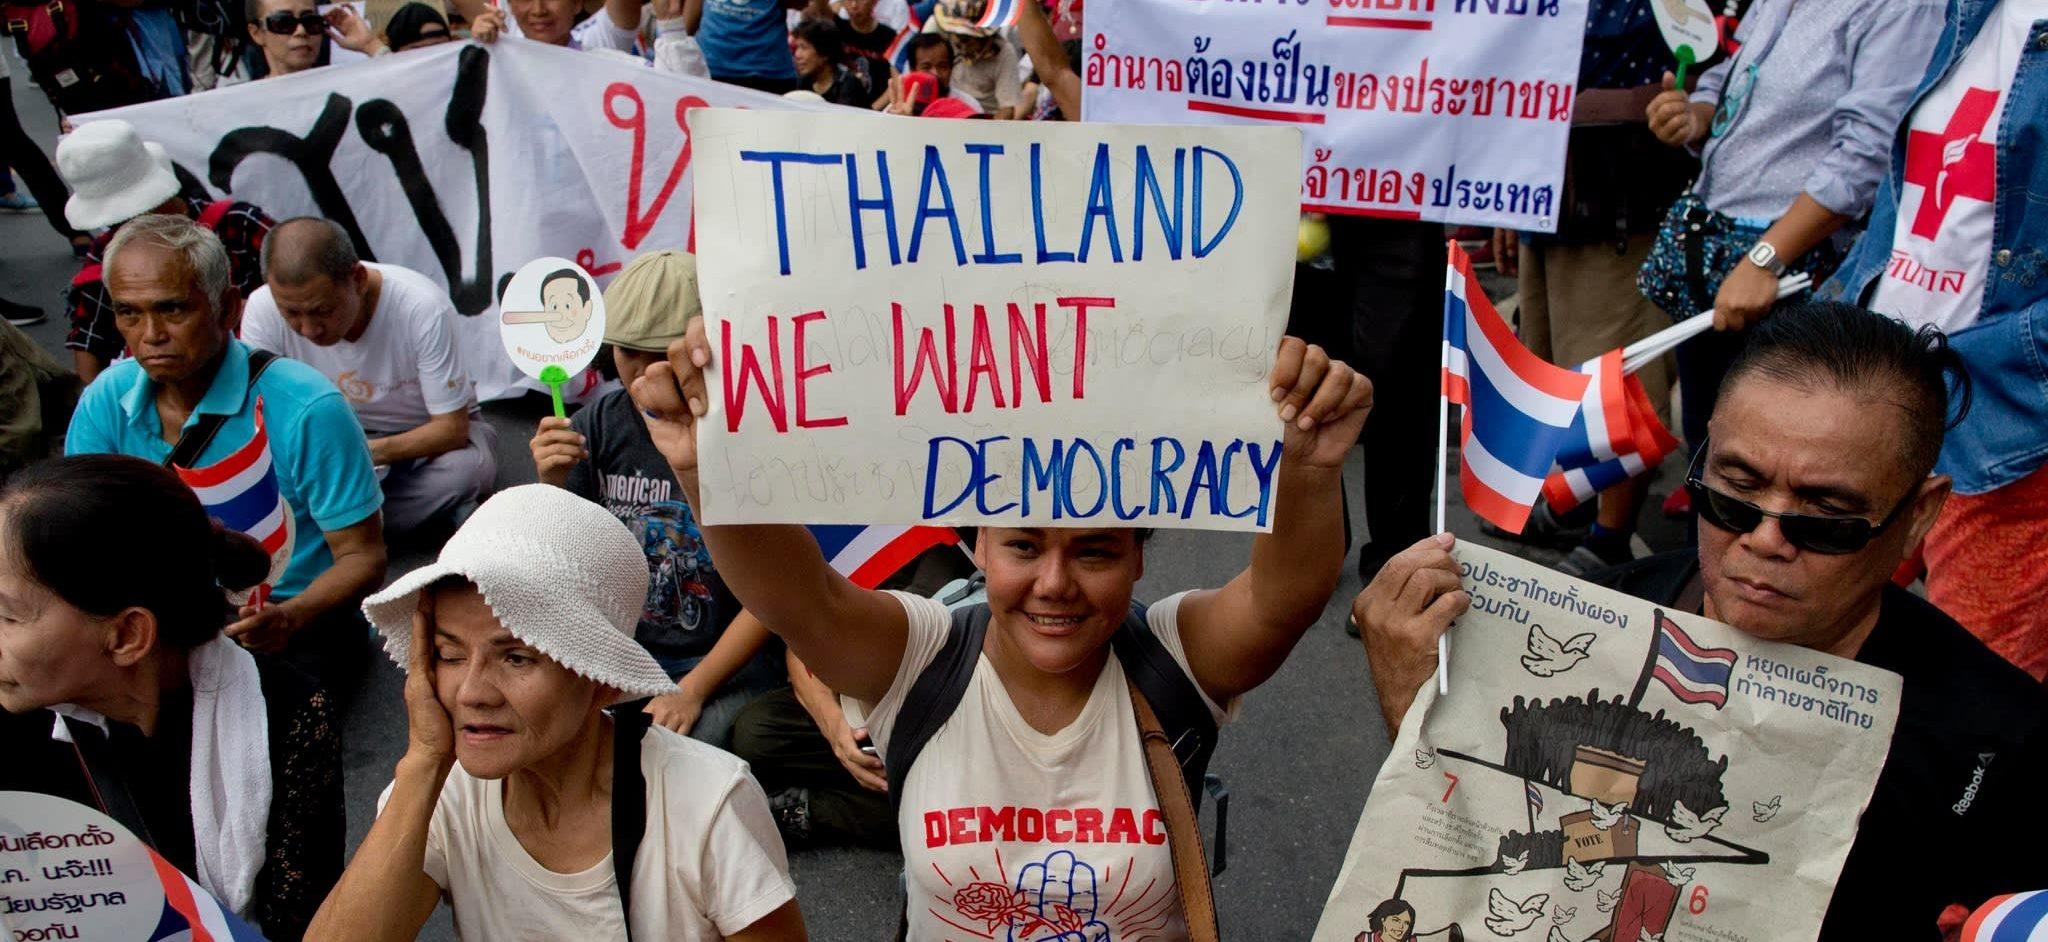 En Thaïlande, malgré les élections du 24 mars, l'horizon d'un retour à la démocratie est encore lointain. (Source : Asia Nikkei Review)